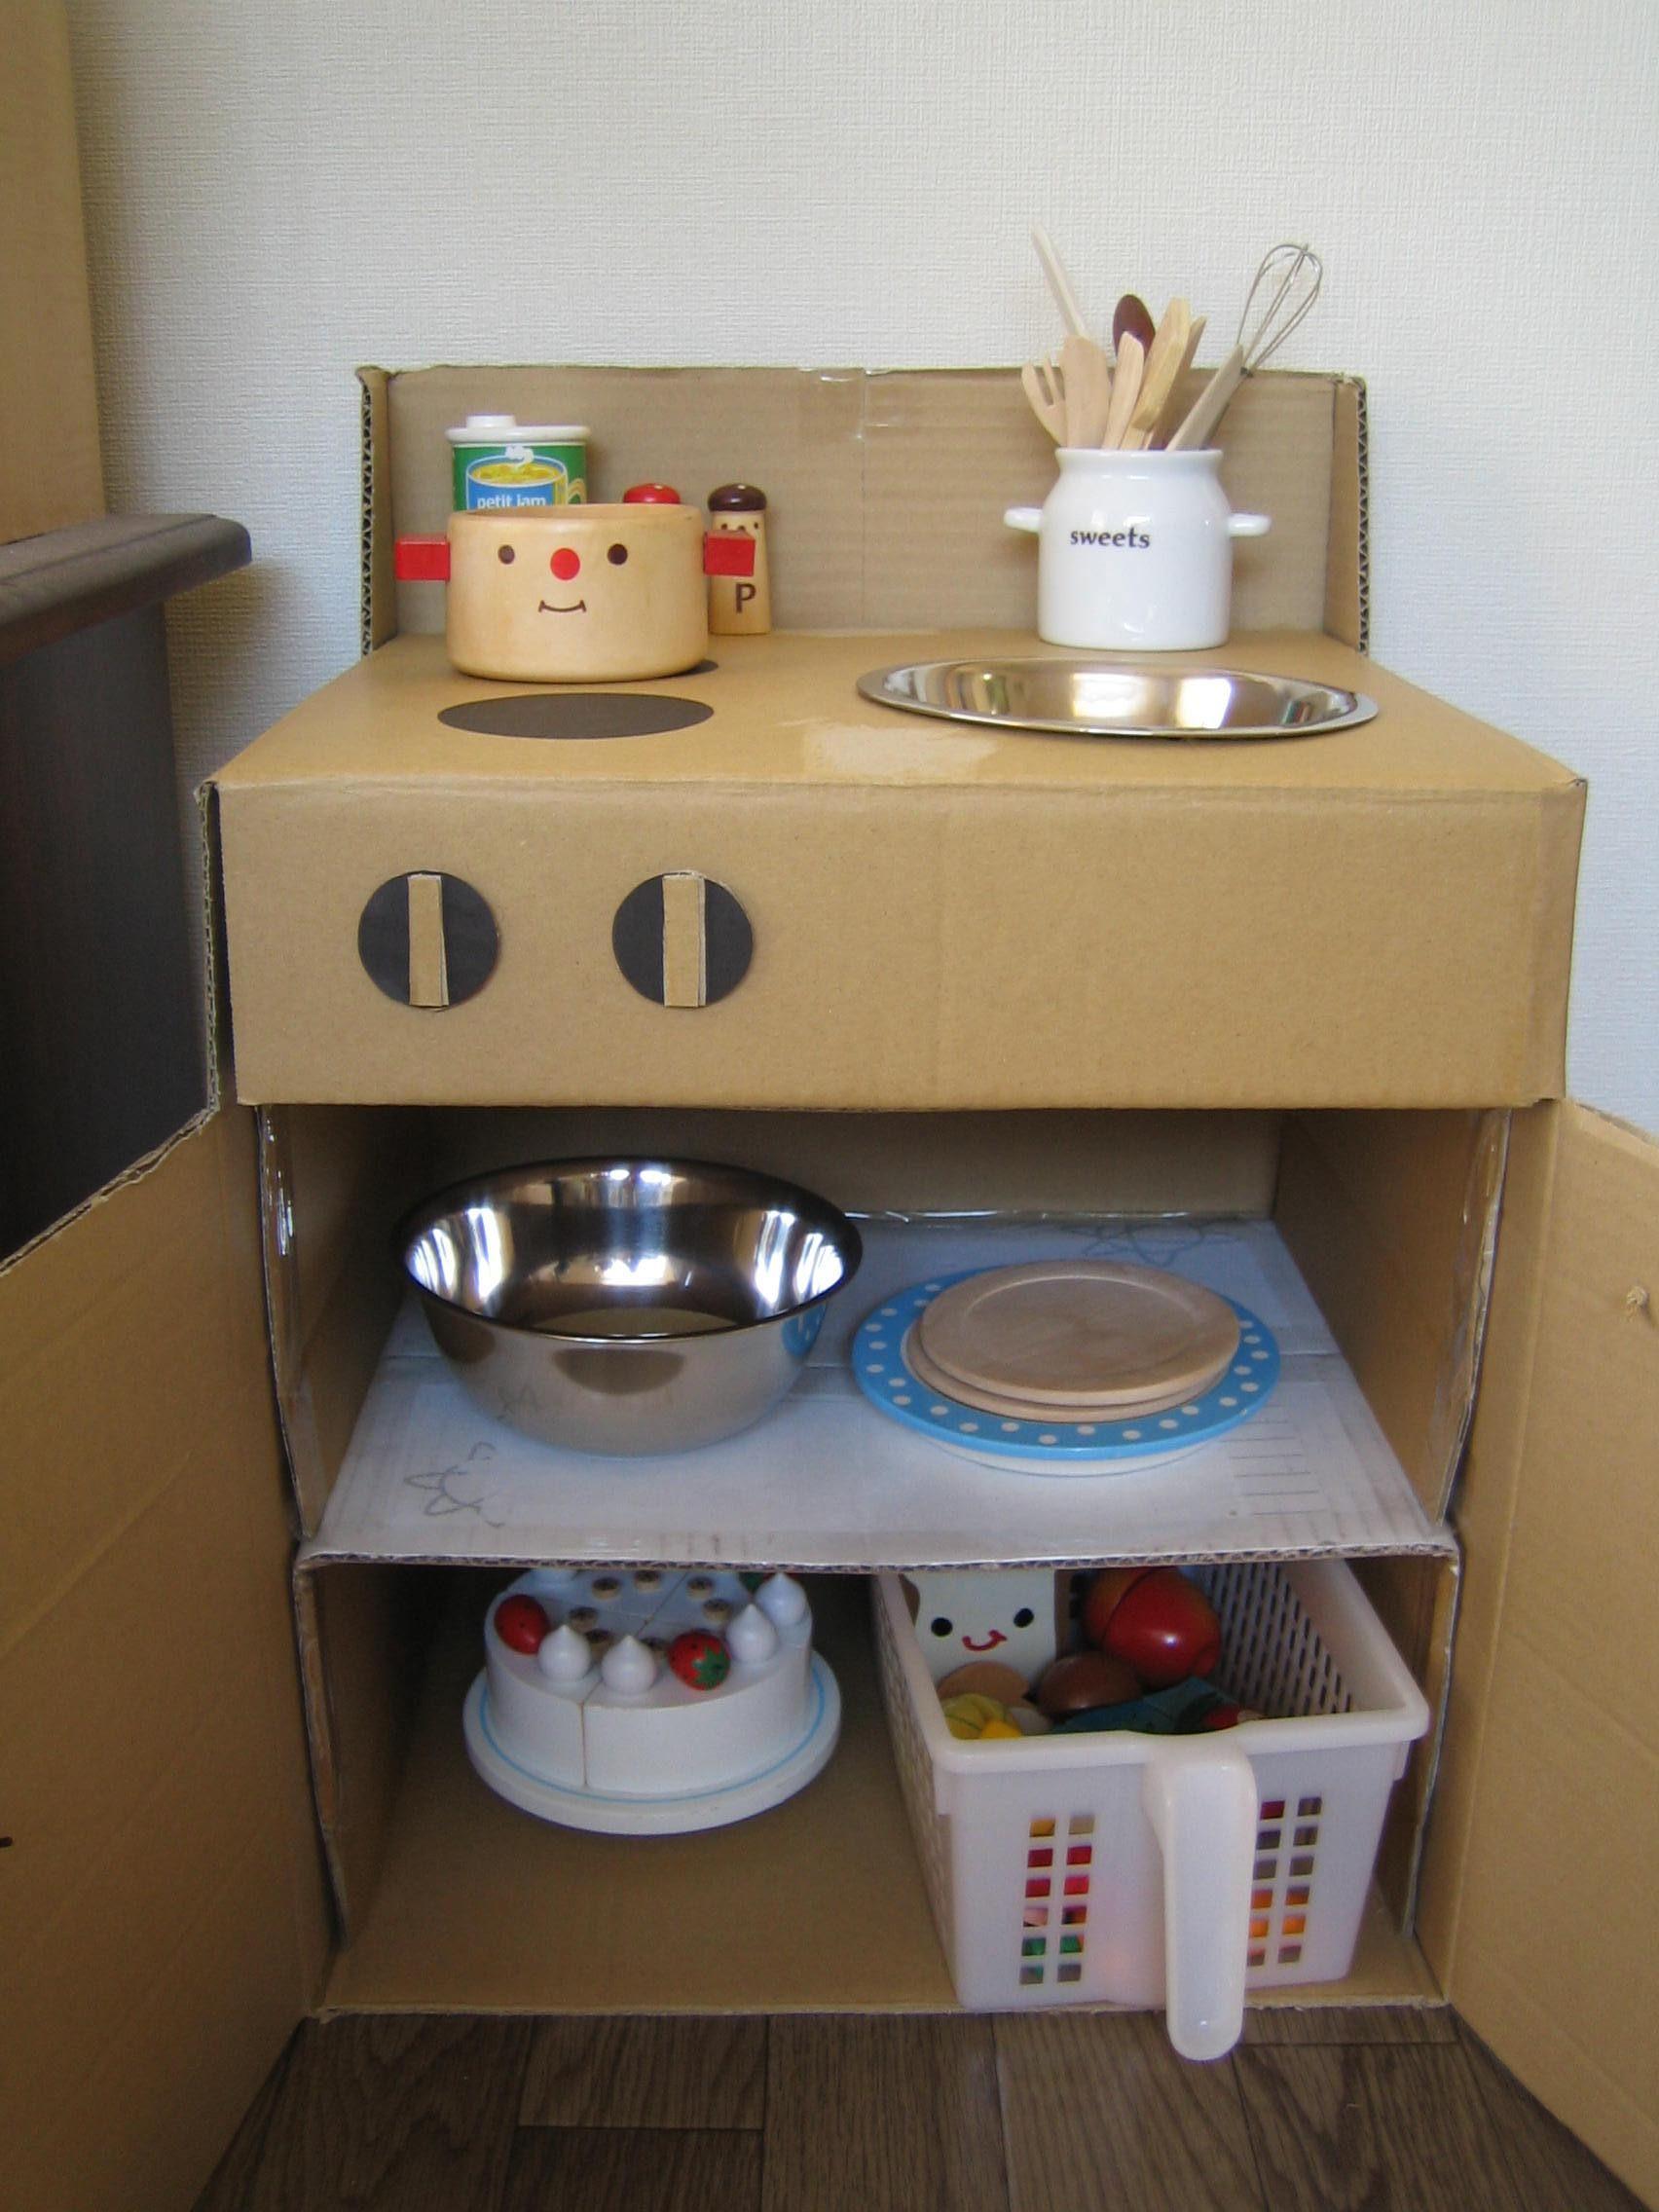 おままごとキッチンを作りました 1歳7ヶ月 17日 段ボールキッチン おままごとキッチン 手作り おもちゃ キッチン